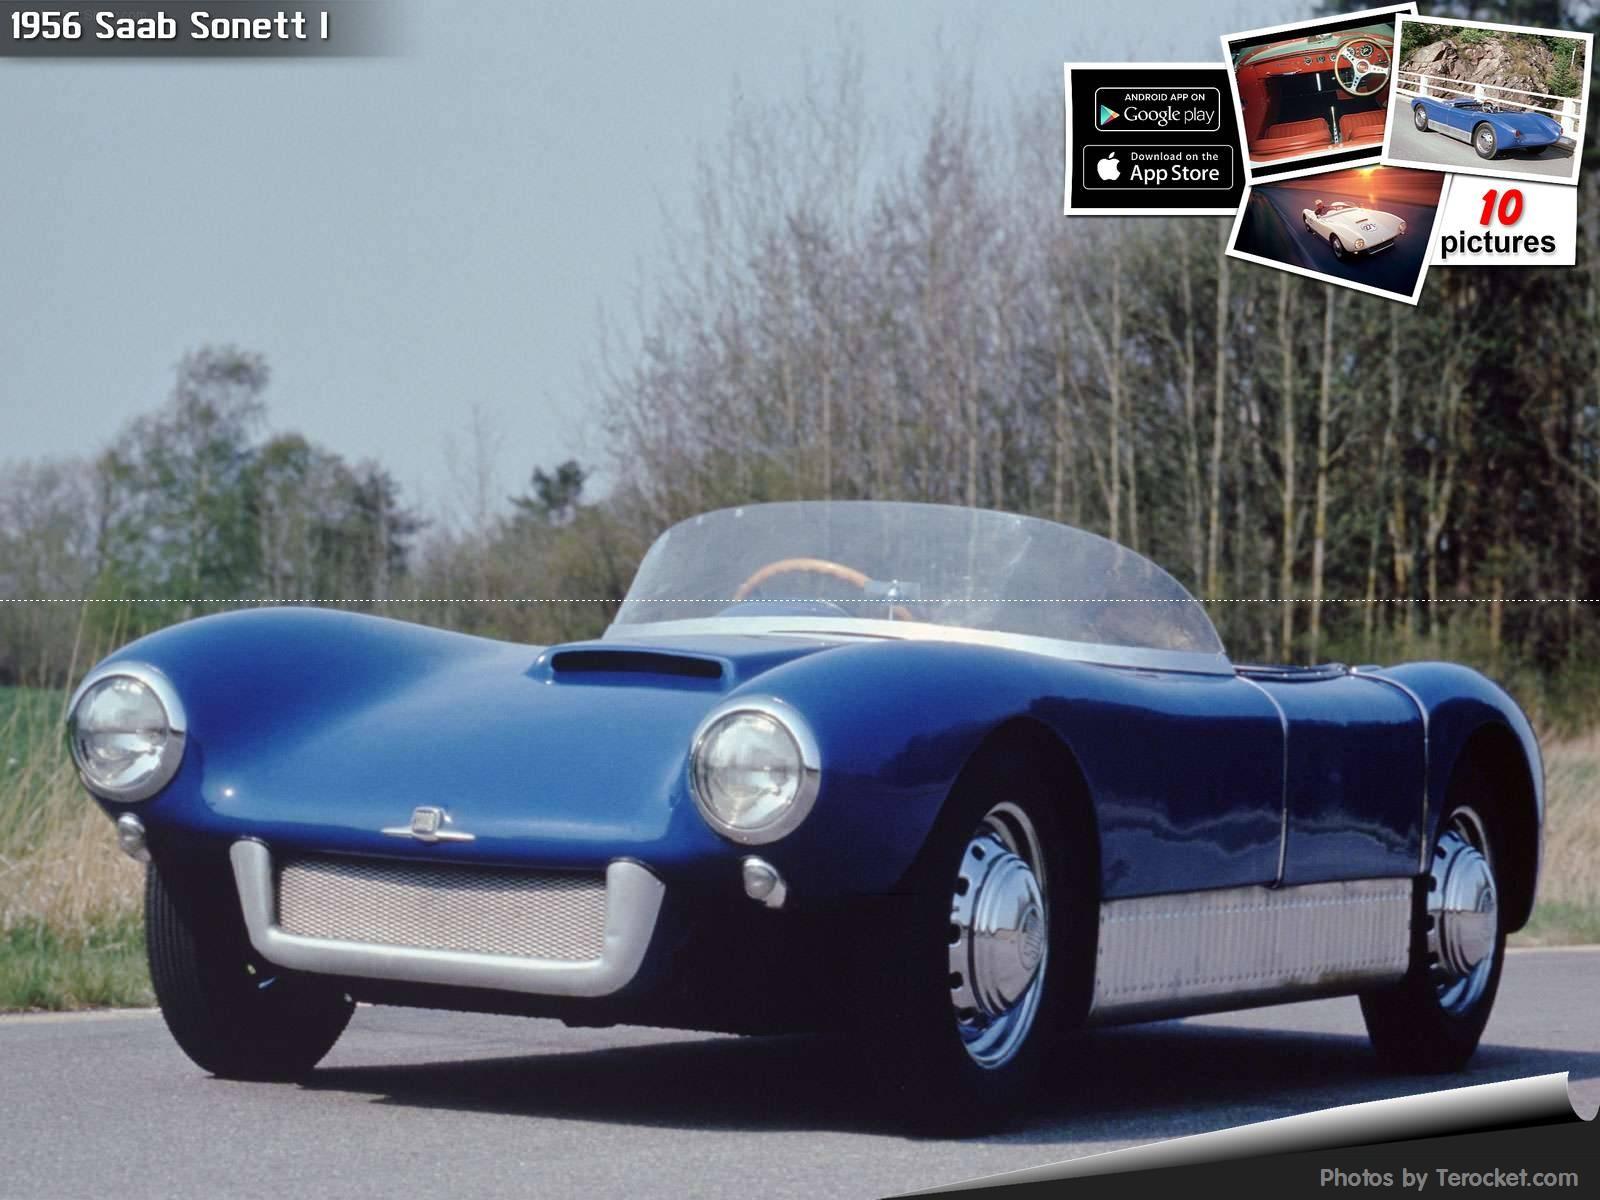 Hình ảnh xe ô tô Saab Sonett I 1956 & nội ngoại thất